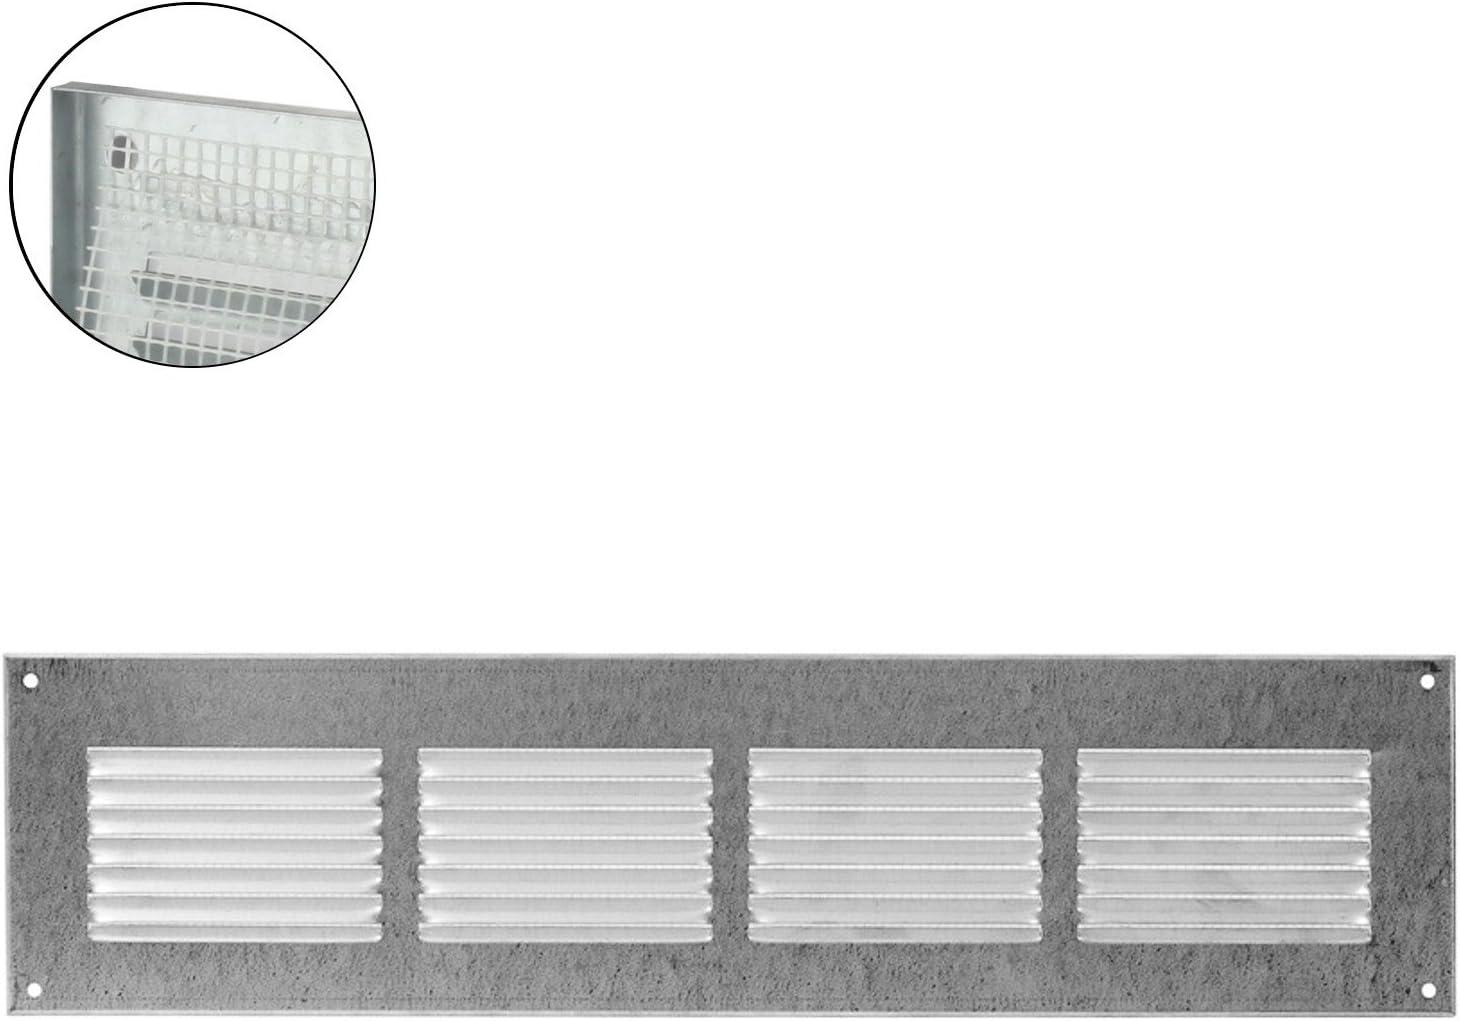 entr/ée et sortie d/'air Protection anti-insectes MKK Grille de ventilation murale en m/étal marron 18526